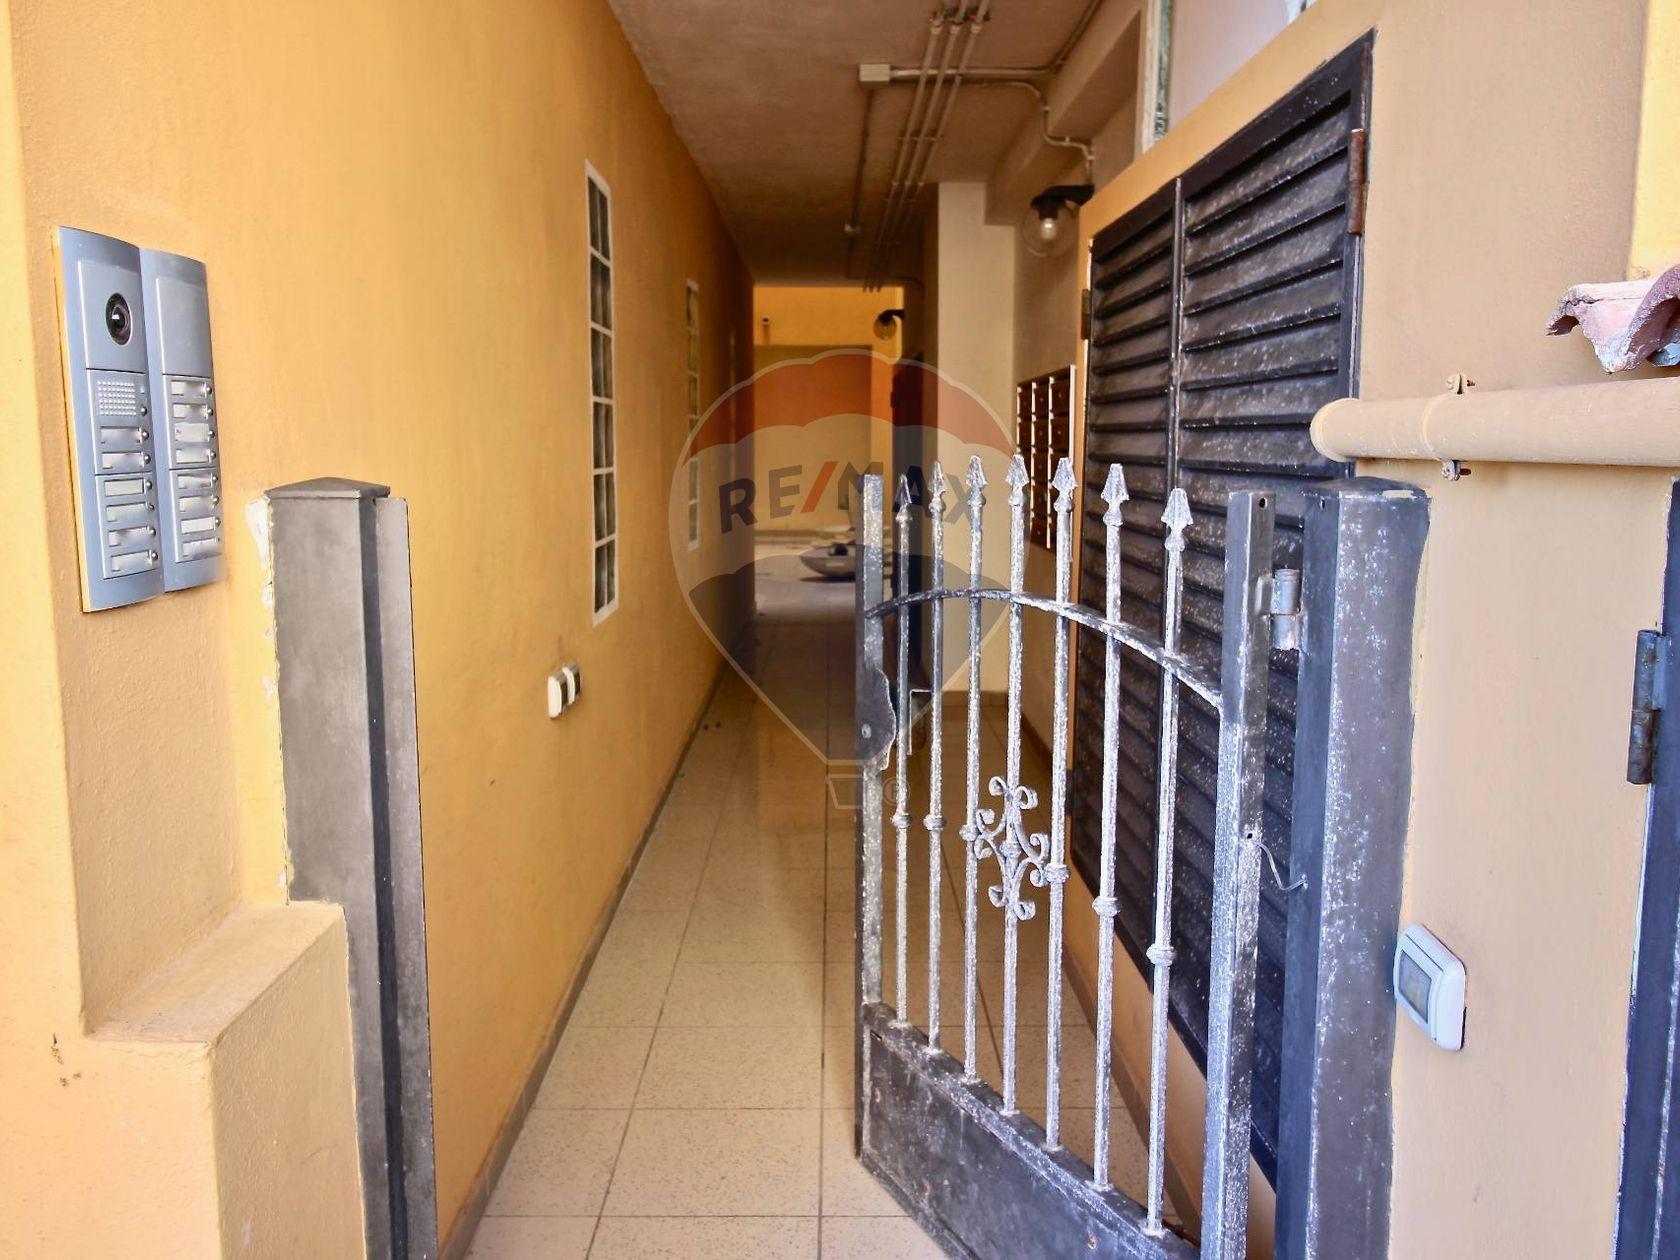 Appartamento Ss-sassari 2, Sassari, SS Vendita - Foto 18